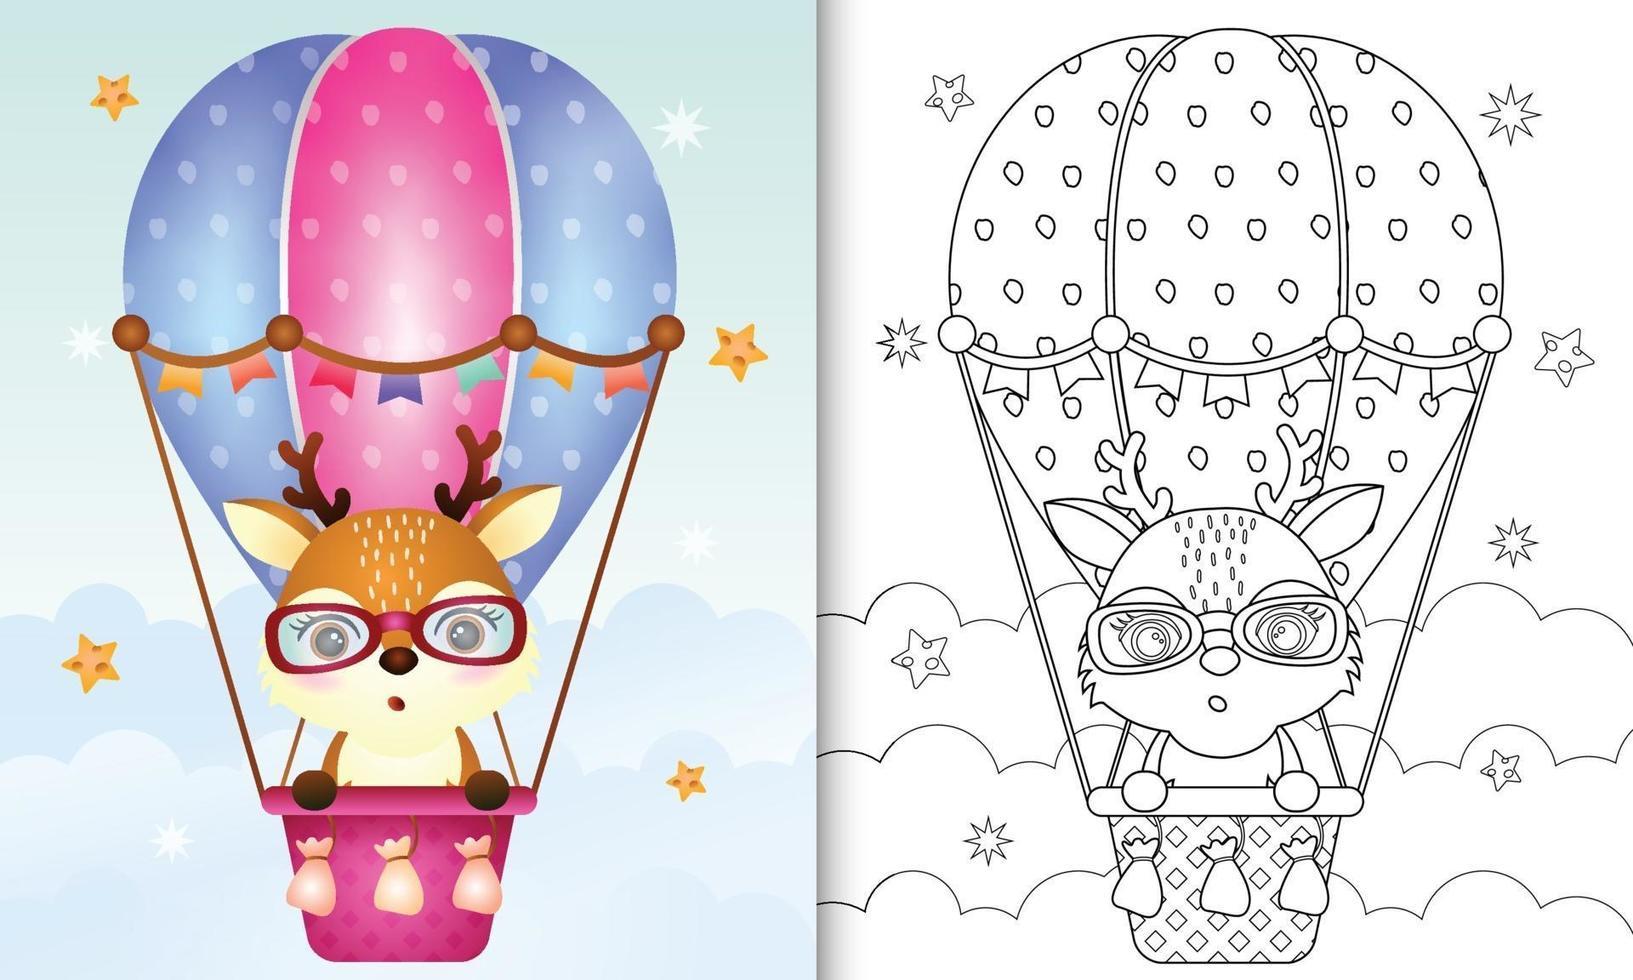 Malbuchschablone für Kinder mit einem niedlichen Hirsch auf Heißluftballon vektor